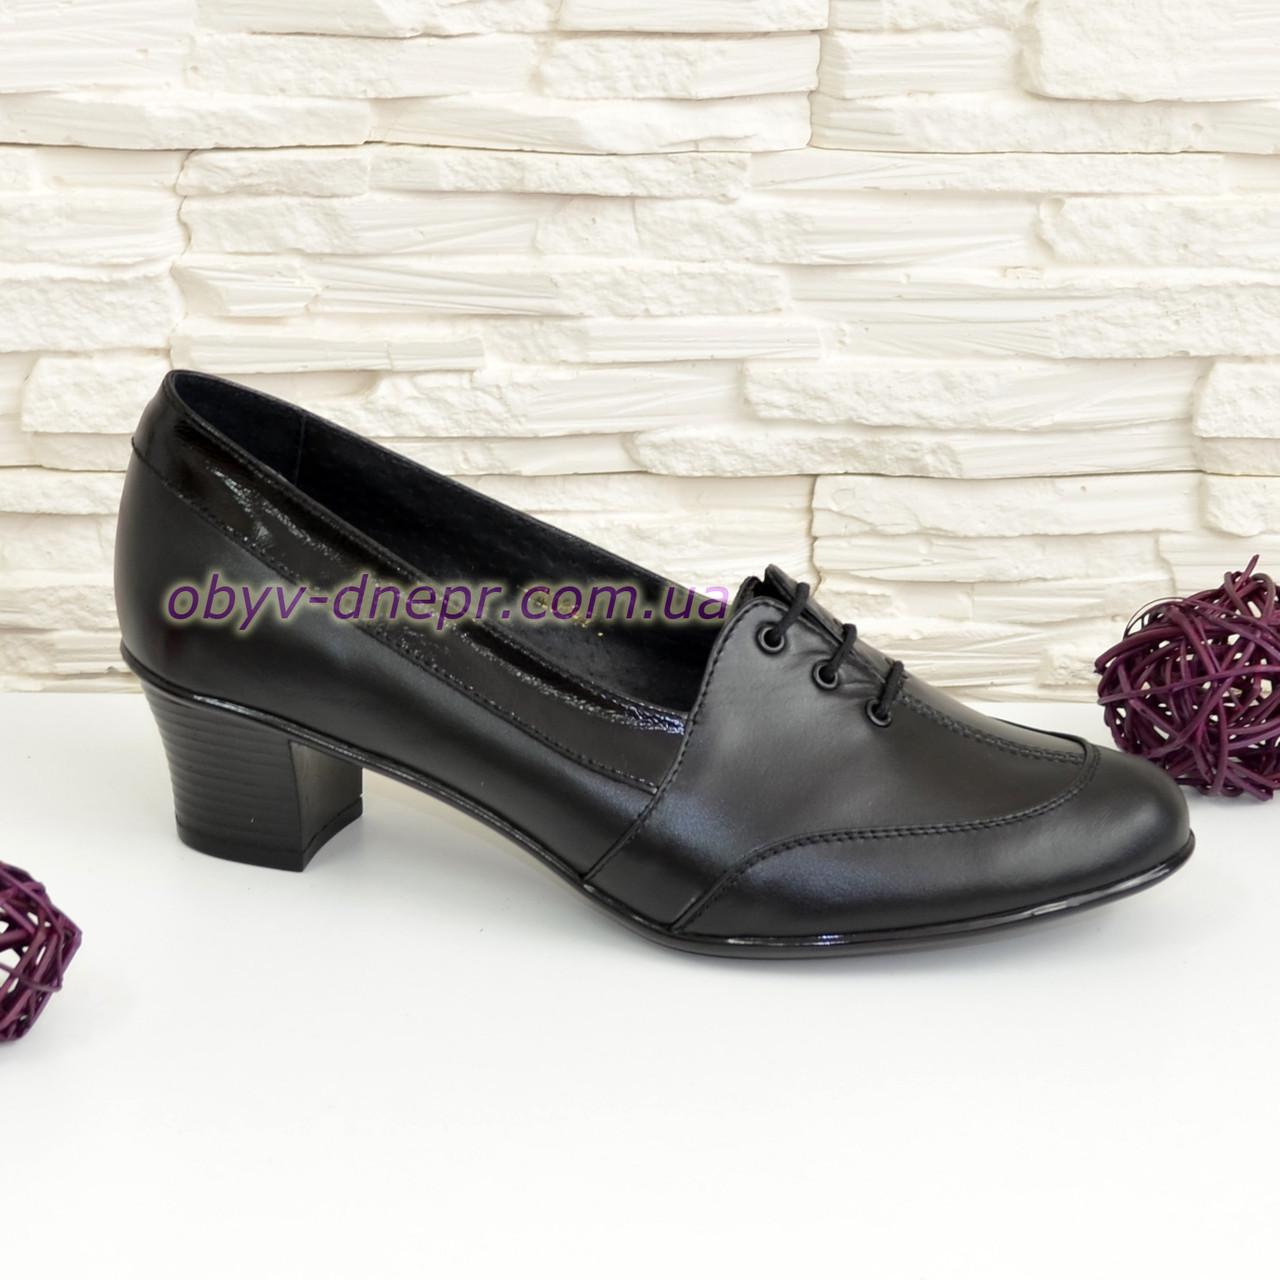 Женские кожаные туфли на невысоком каблуке, декорированы шнуровкой.